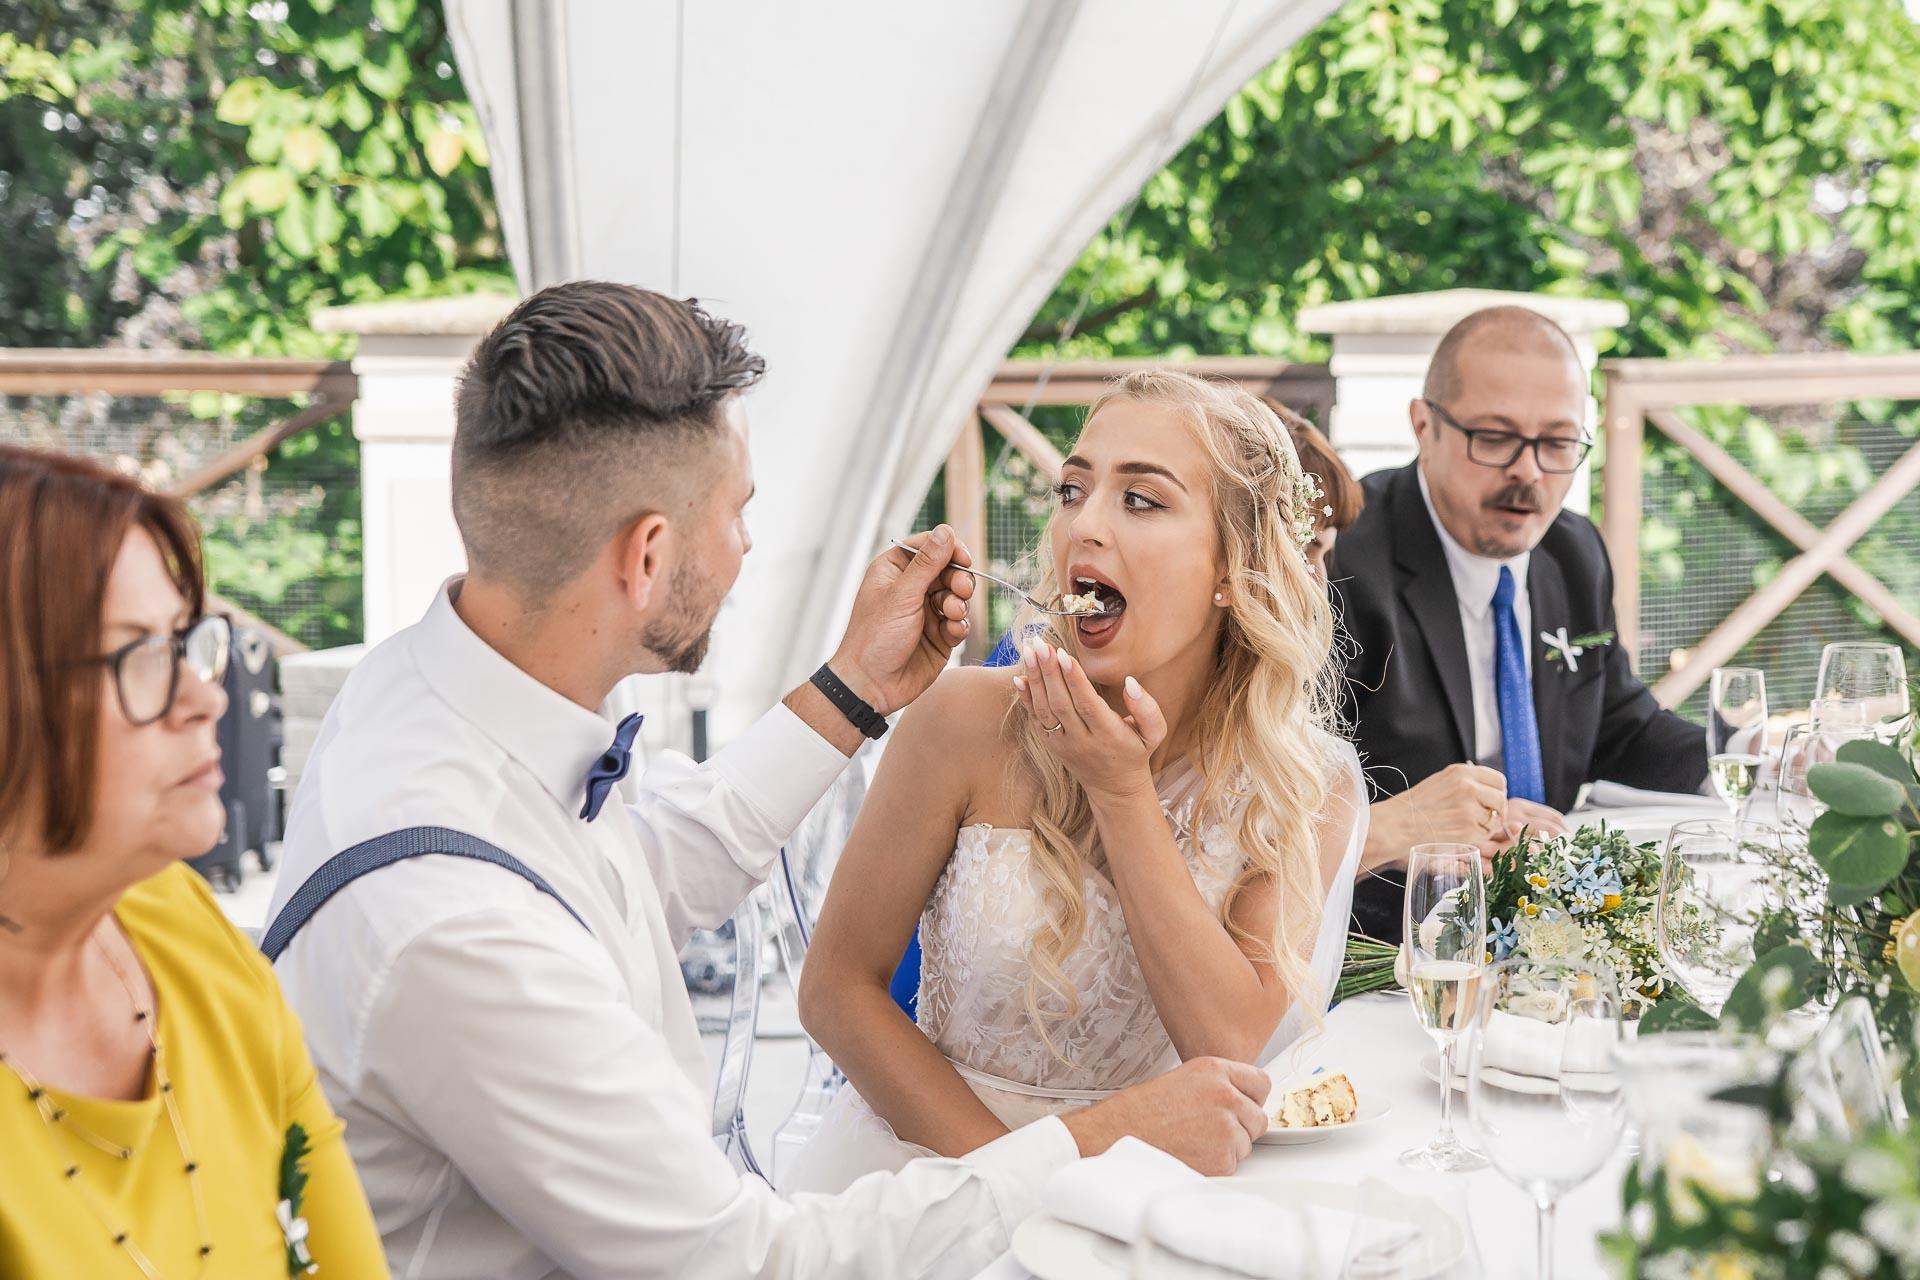 svatební-fotograf-zámek-Loučeň-svatební-video-zámek-Loučeň-4444